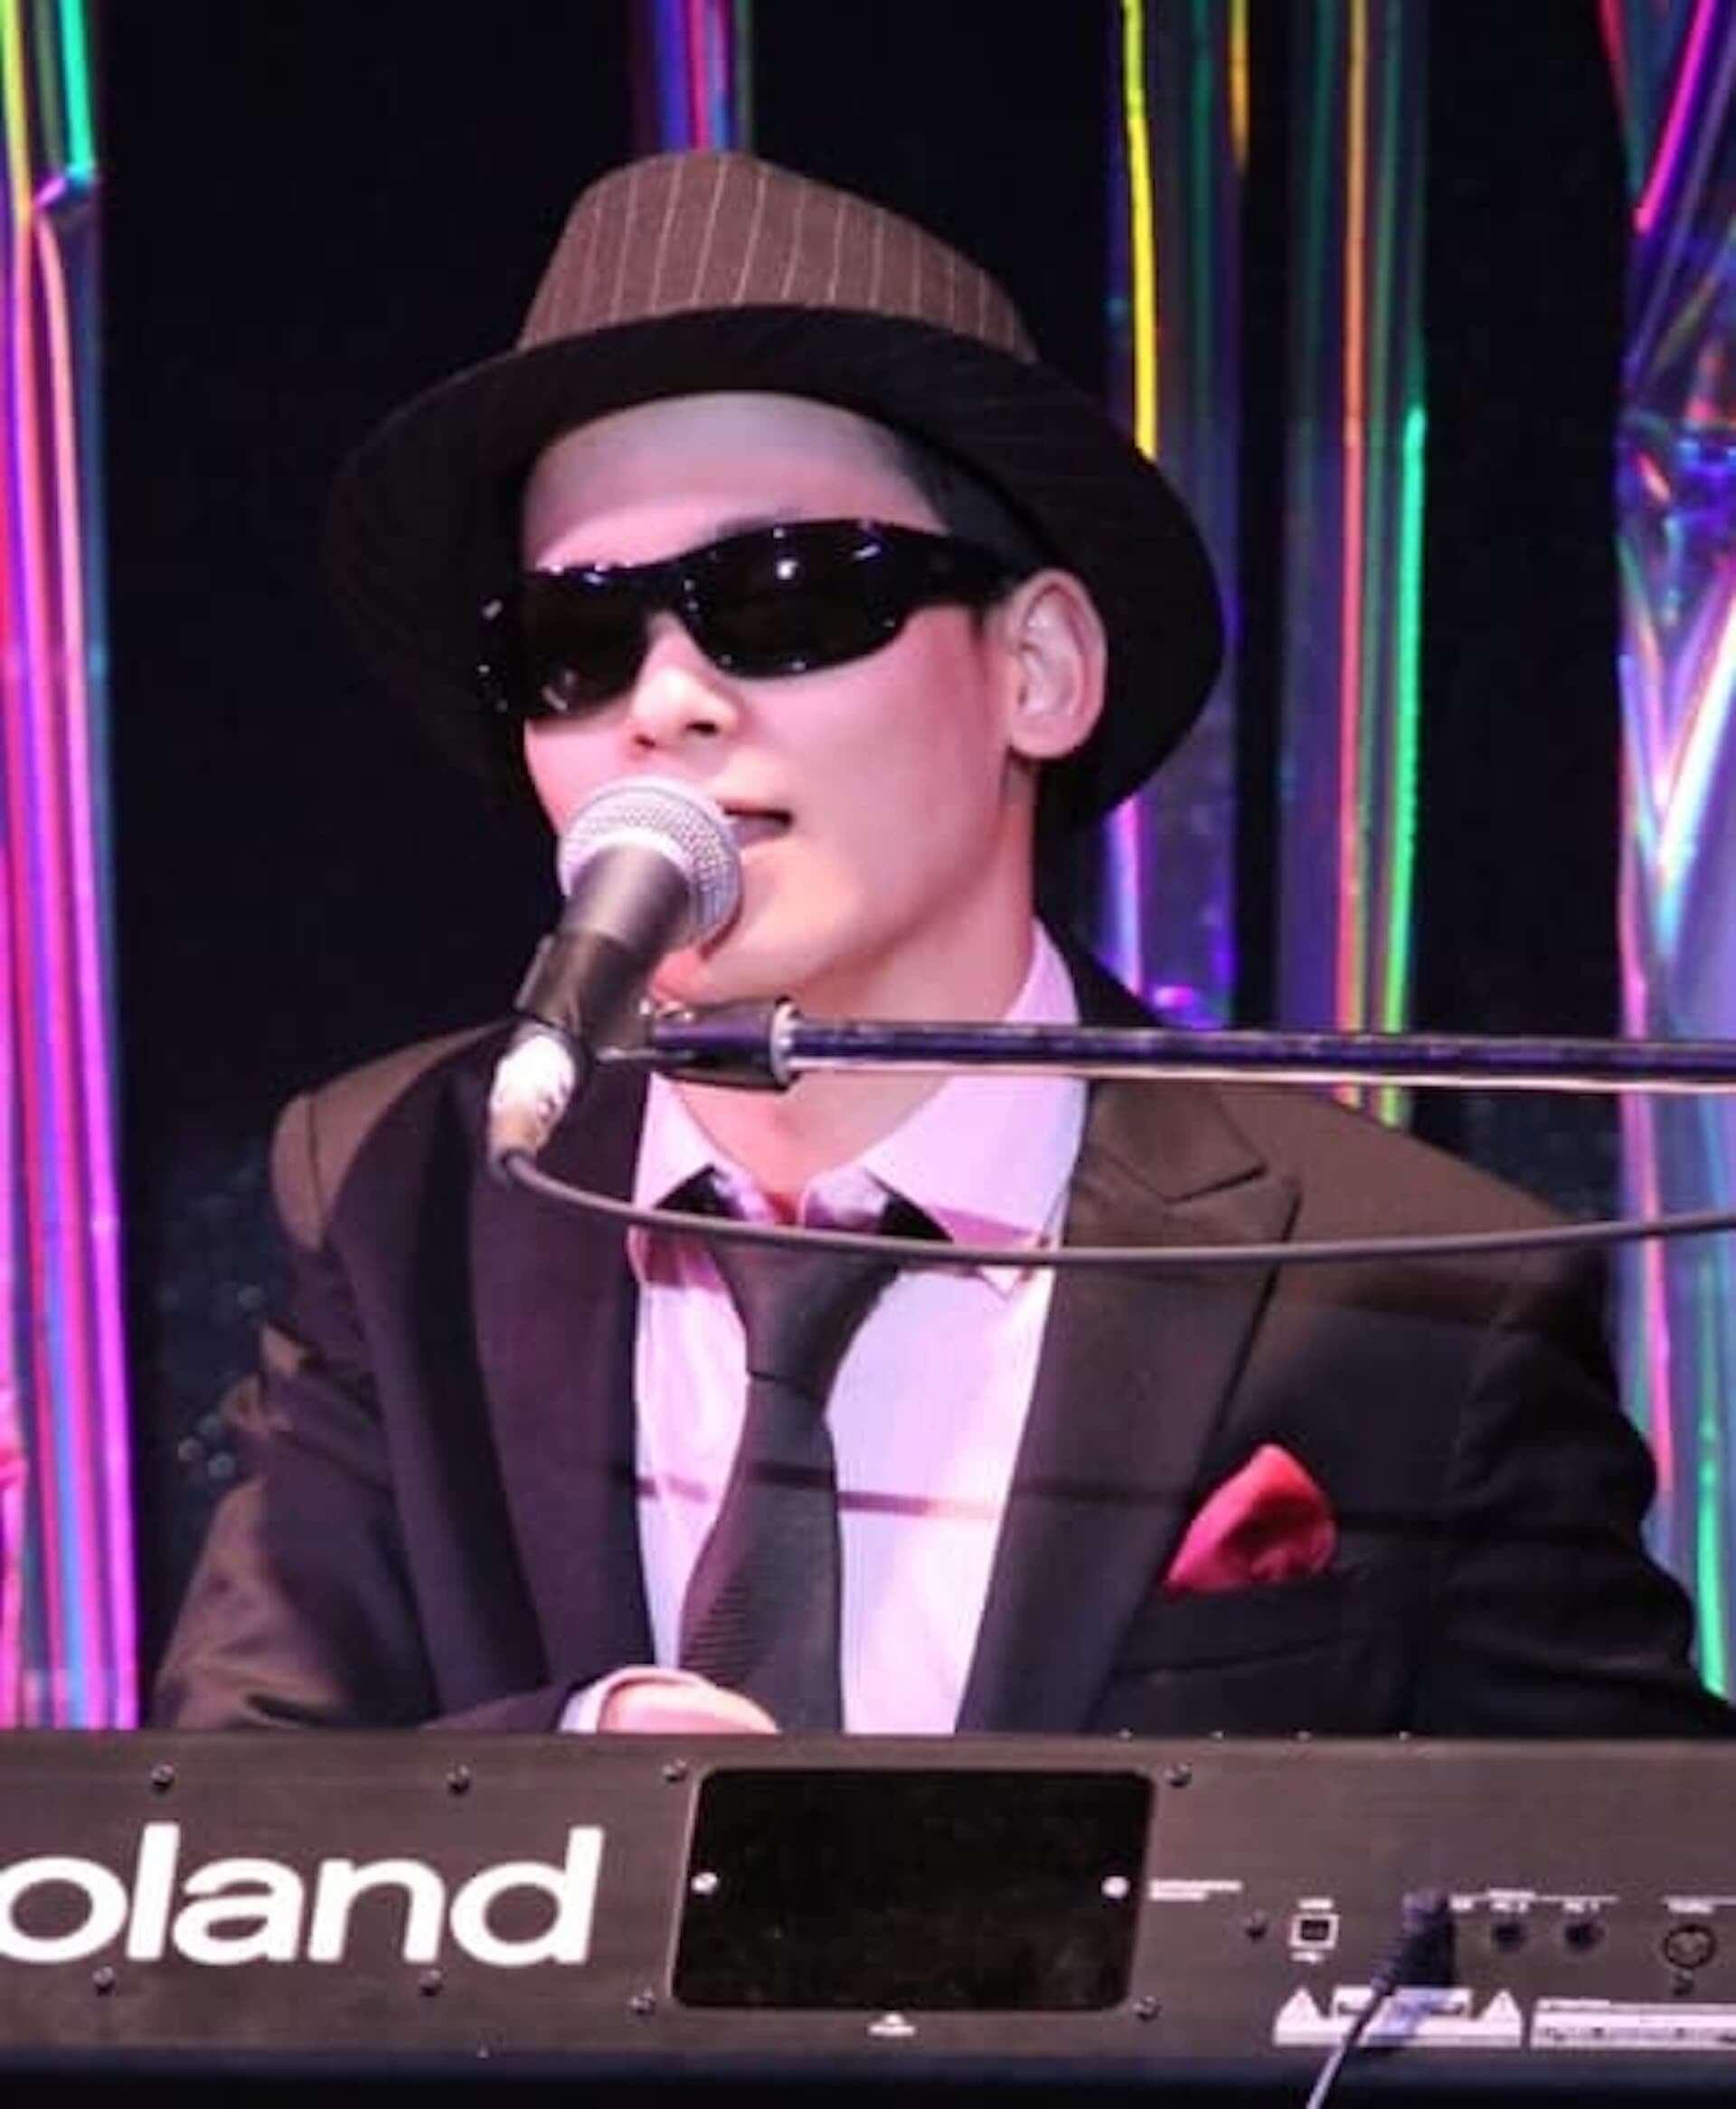 障がいを持つミュージシャンによるオンラインコンサート<See The Light>が開催決定!わたなべちひろ、Shusui、cannaらが登場 music201113_alfaromeo_4-1920x2332